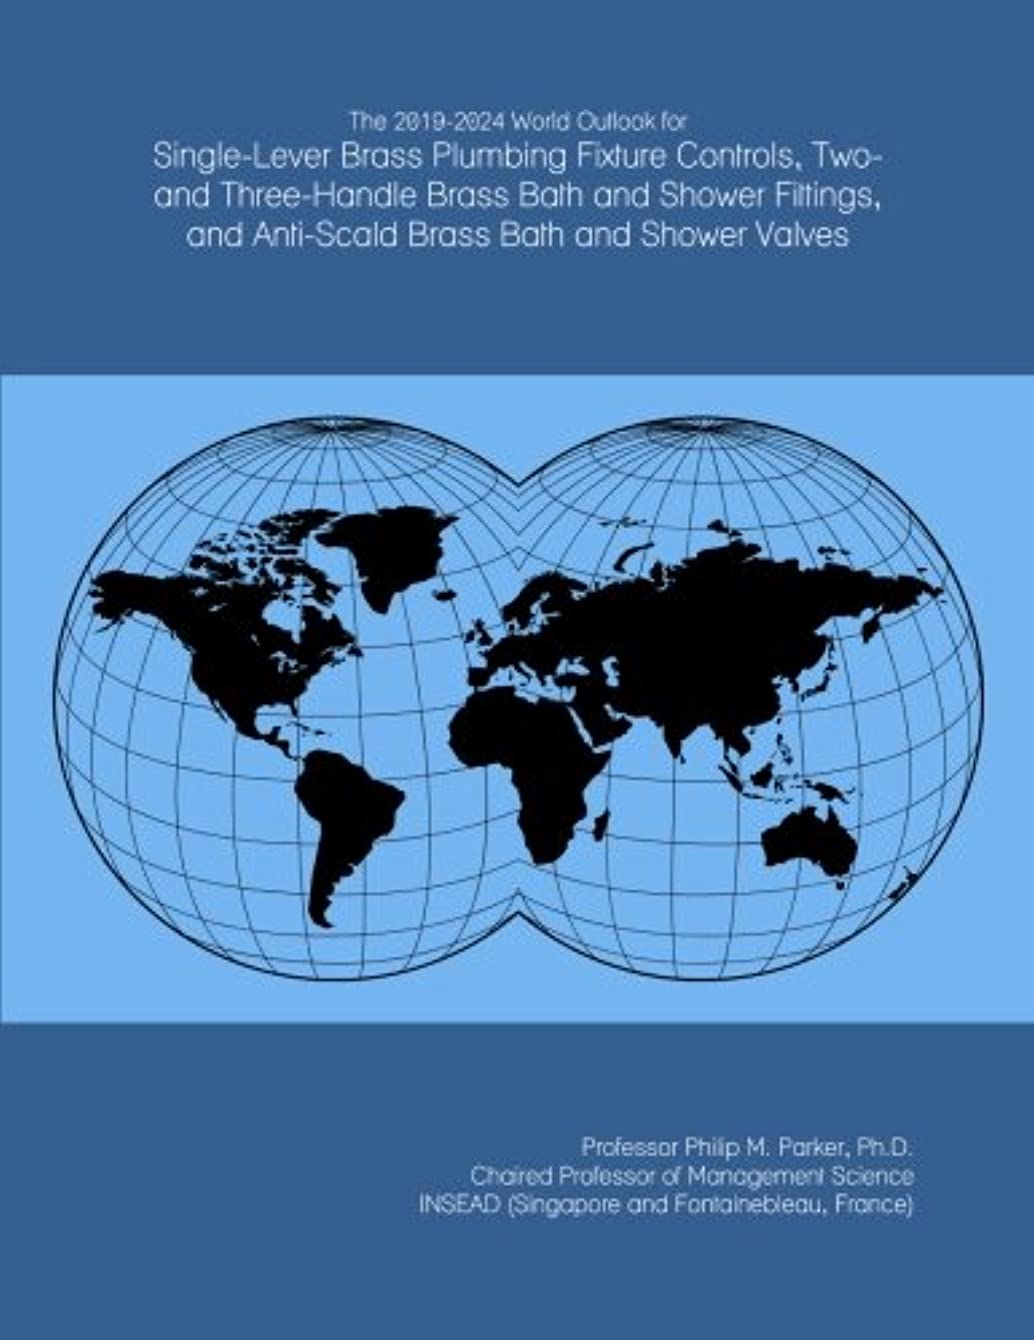 累計壮大な広まったThe 2019-2024 World Outlook for Single-Lever Brass Plumbing Fixture Controls, Two- and Three-Handle Brass Bath and Shower Fittings, and Anti-Scald Brass Bath and Shower Valves